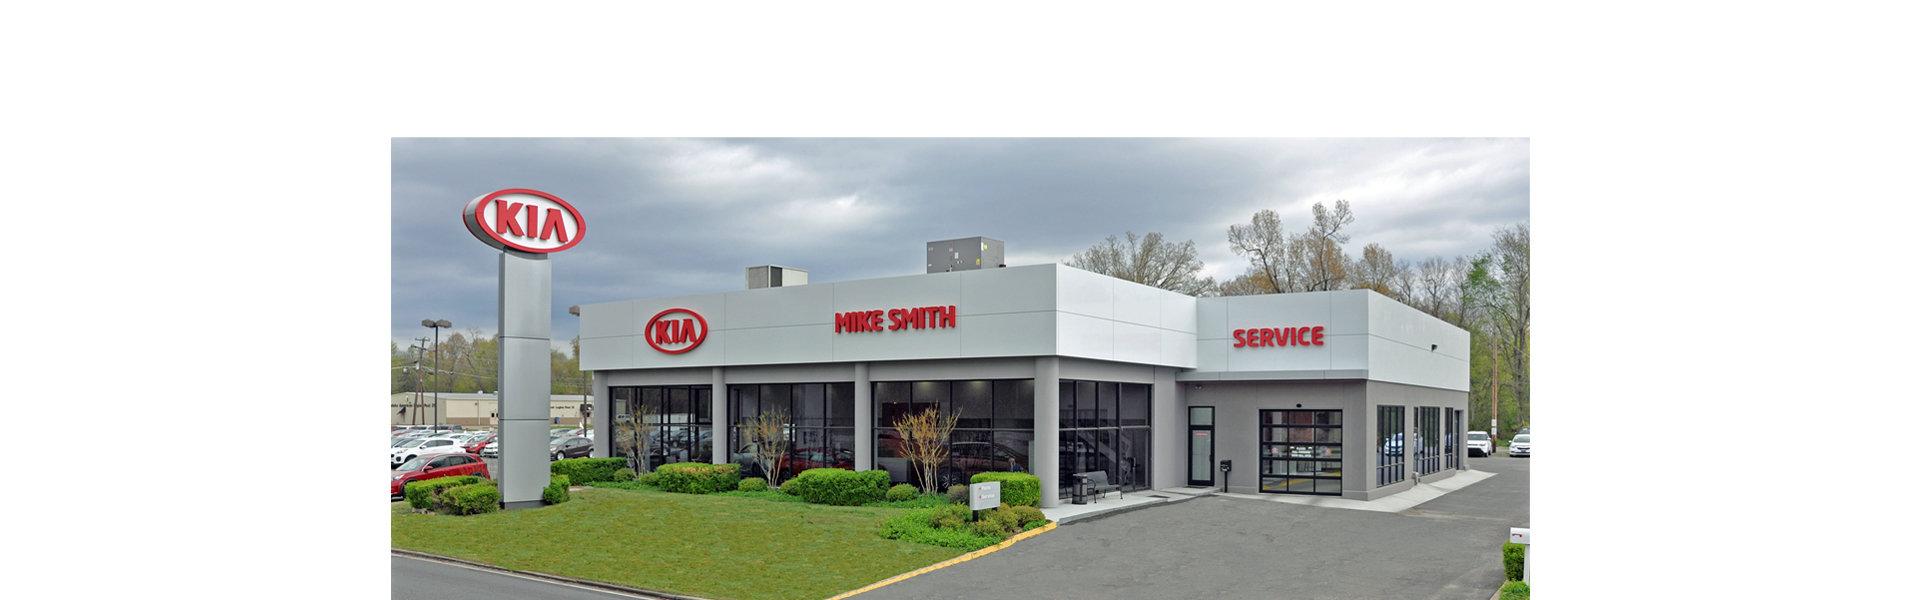 Mike Smith Kia Dealership